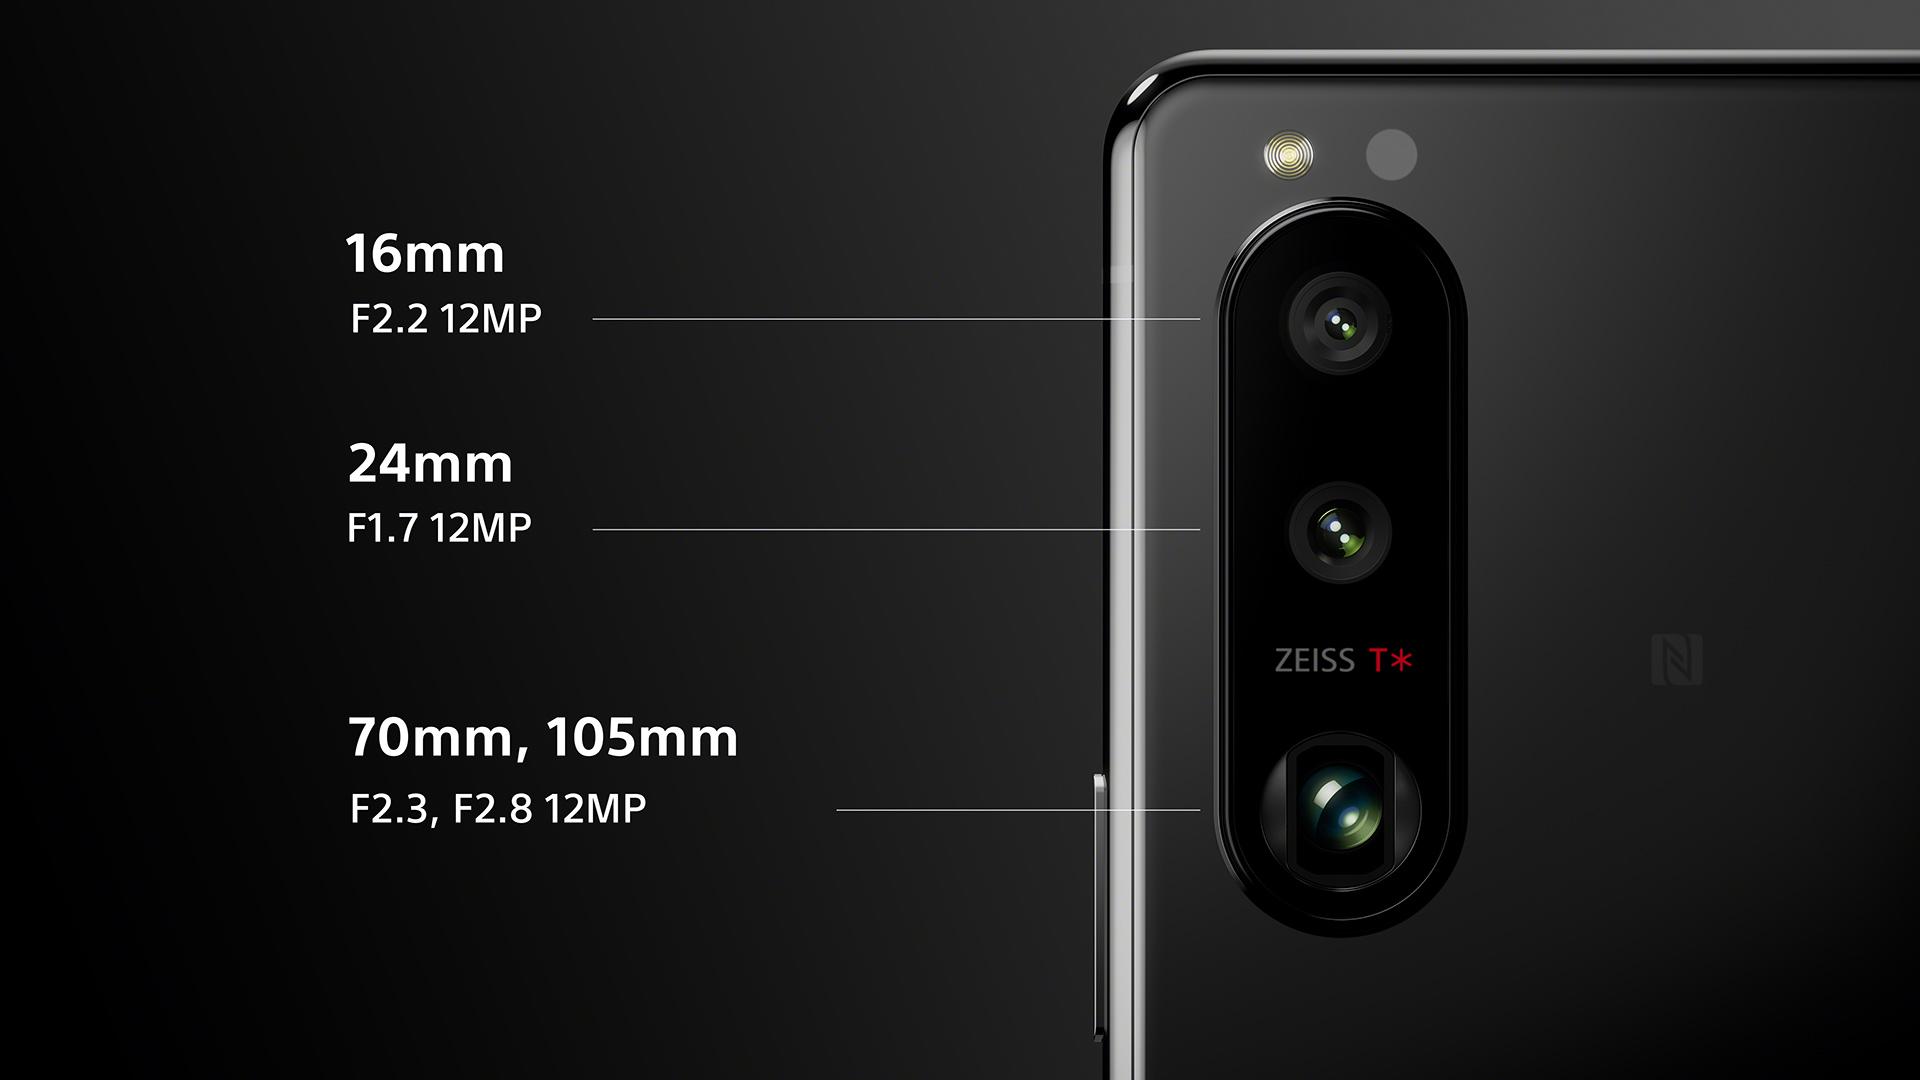 Die Kamera des Sony Xperia 5 III mit Ultraweitwinkel-, Weitwinkel- und Tele-Linse.